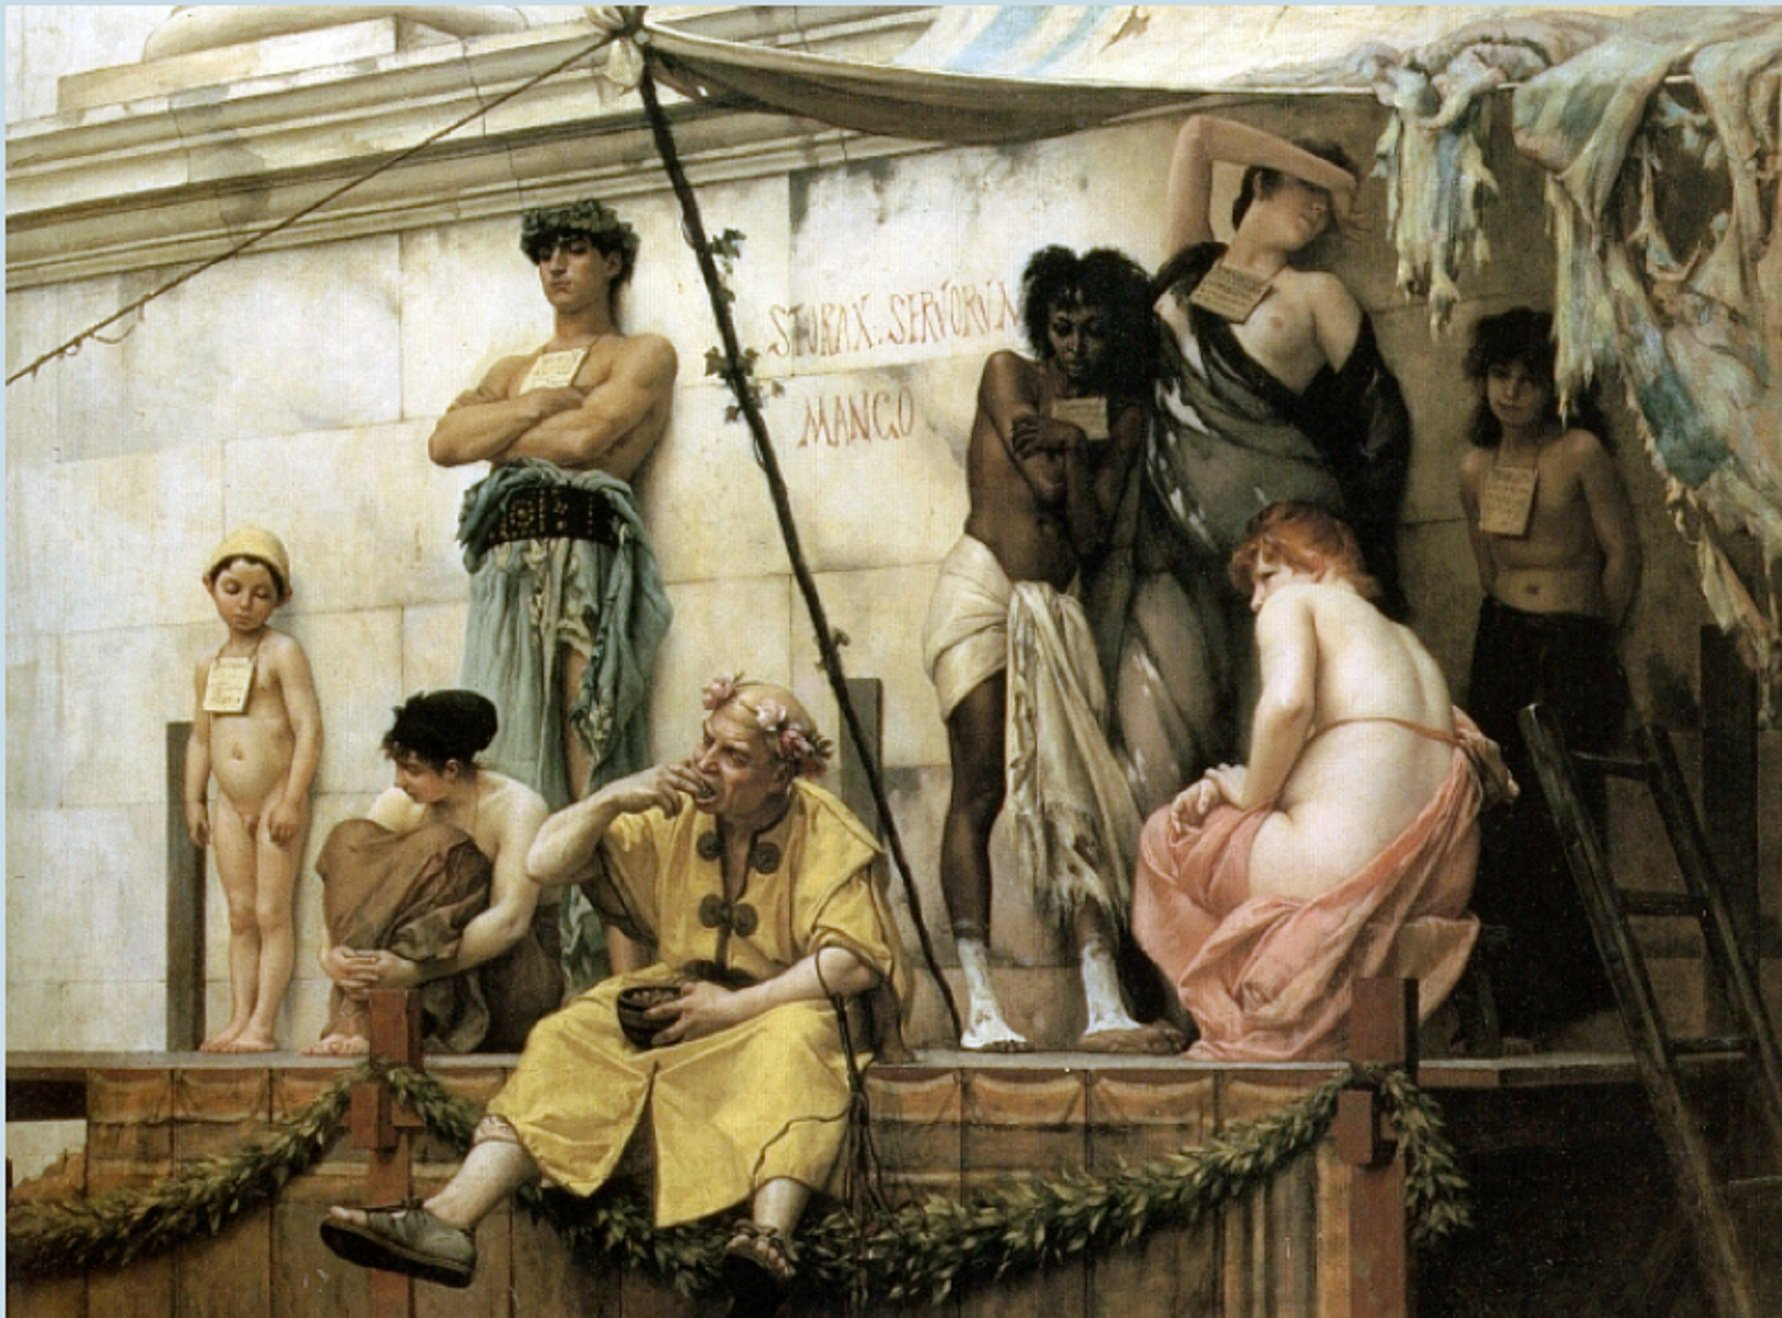 Ókori rabszolgapiac Gustave Boulanger festményén (forrás: Wikipedia)